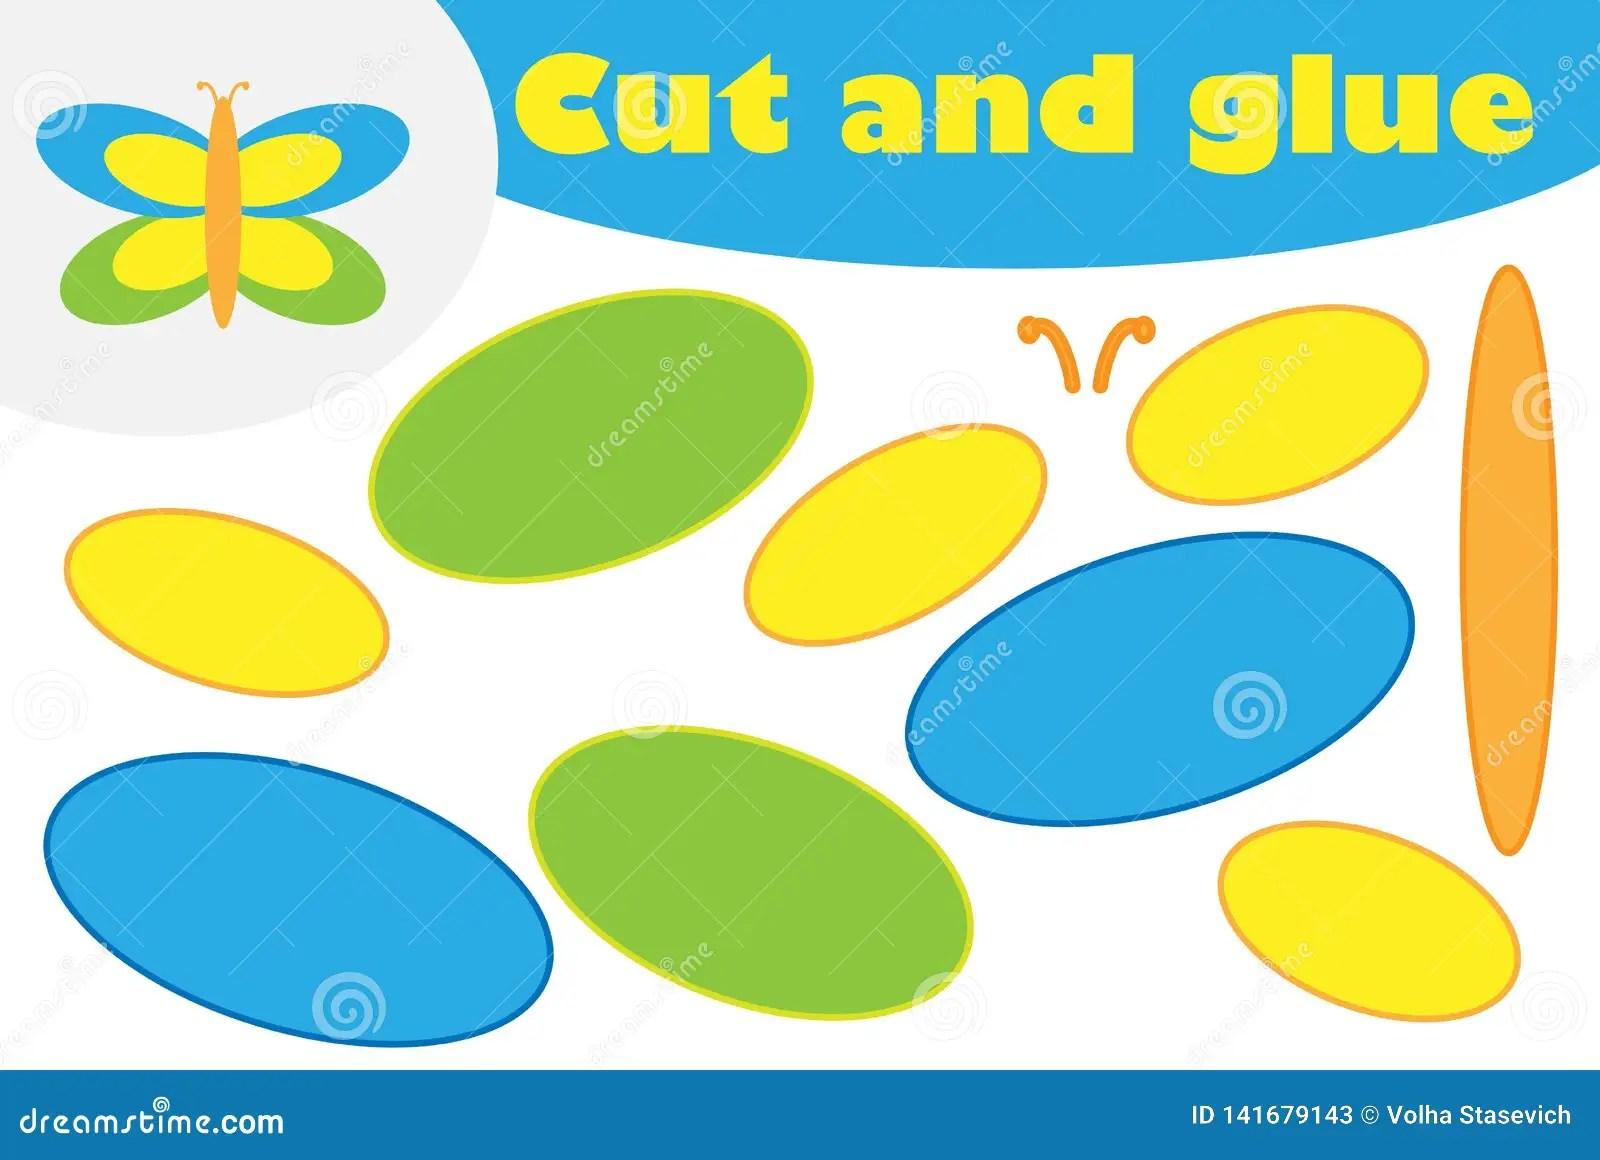 Aanpassend Spel Voor Kinderen Verbind Kleurrijke Vogels